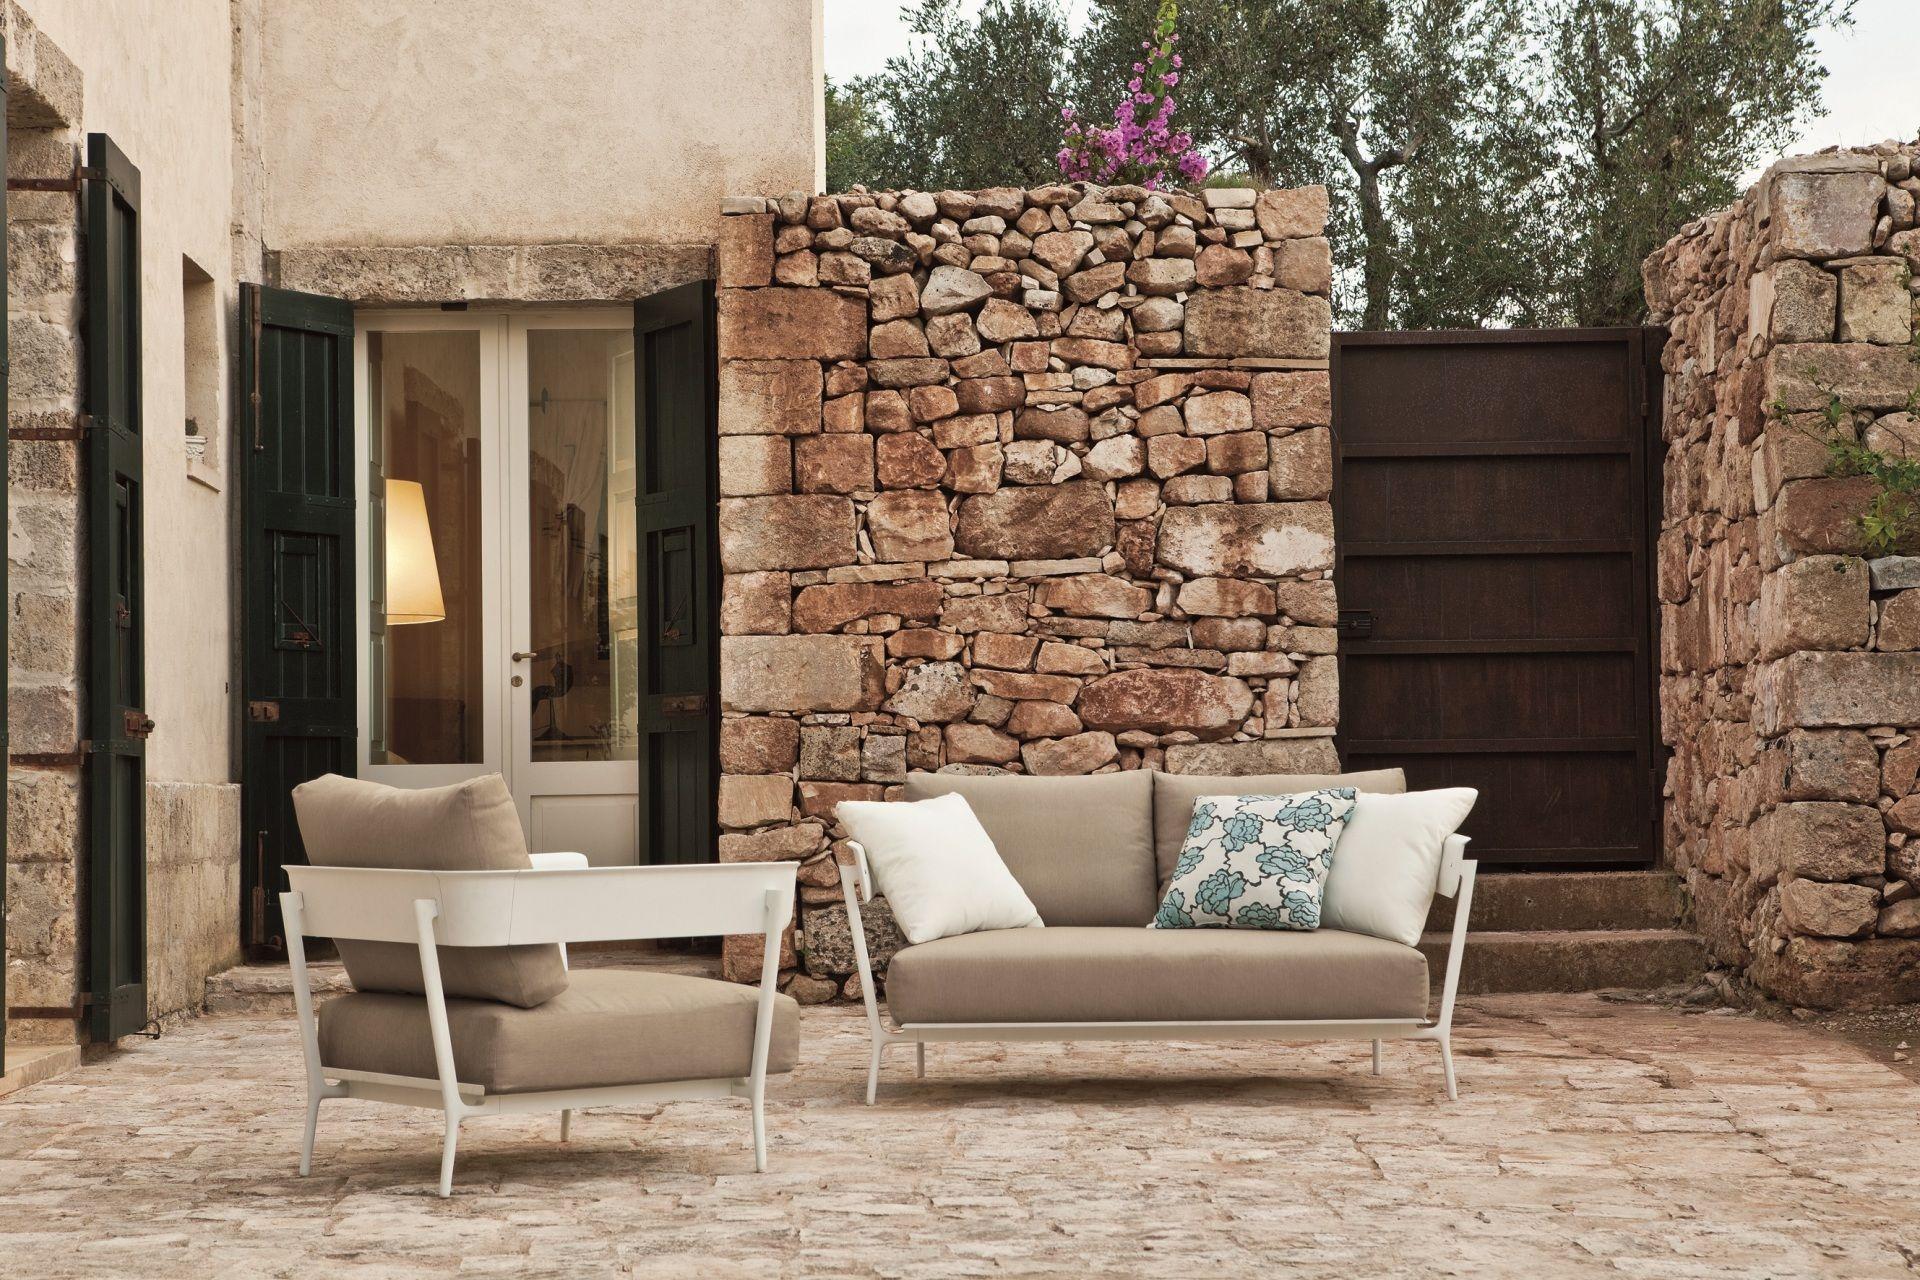 die f nfzigerjahre f r kleine fl chen. Black Bedroom Furniture Sets. Home Design Ideas